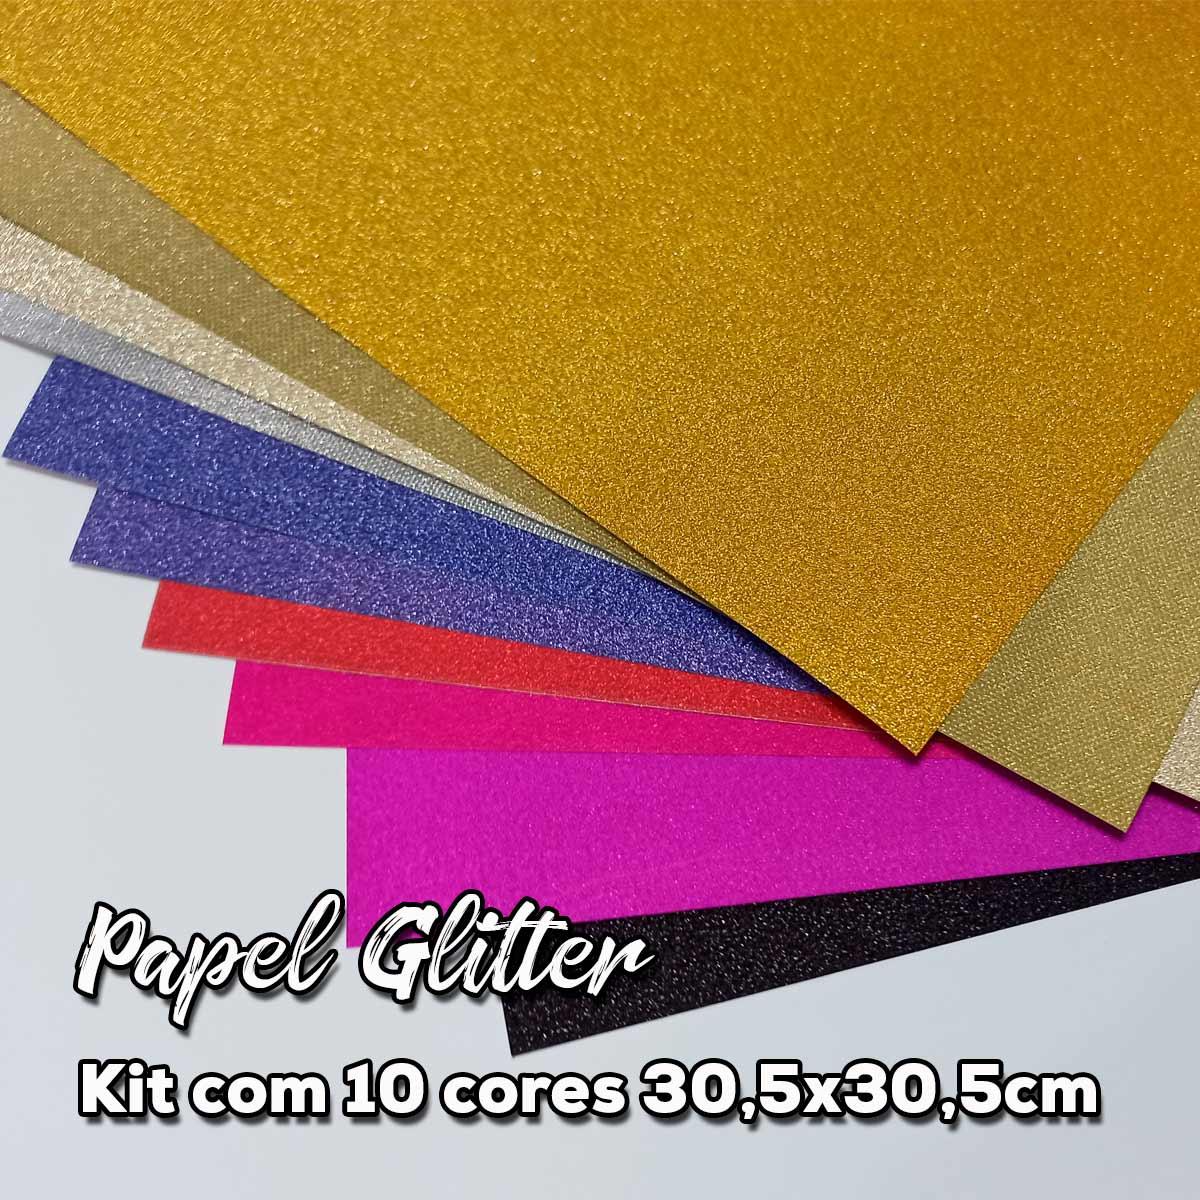 Kit de Papéis Glitter com 10 Cores - 30,5x30,5cm